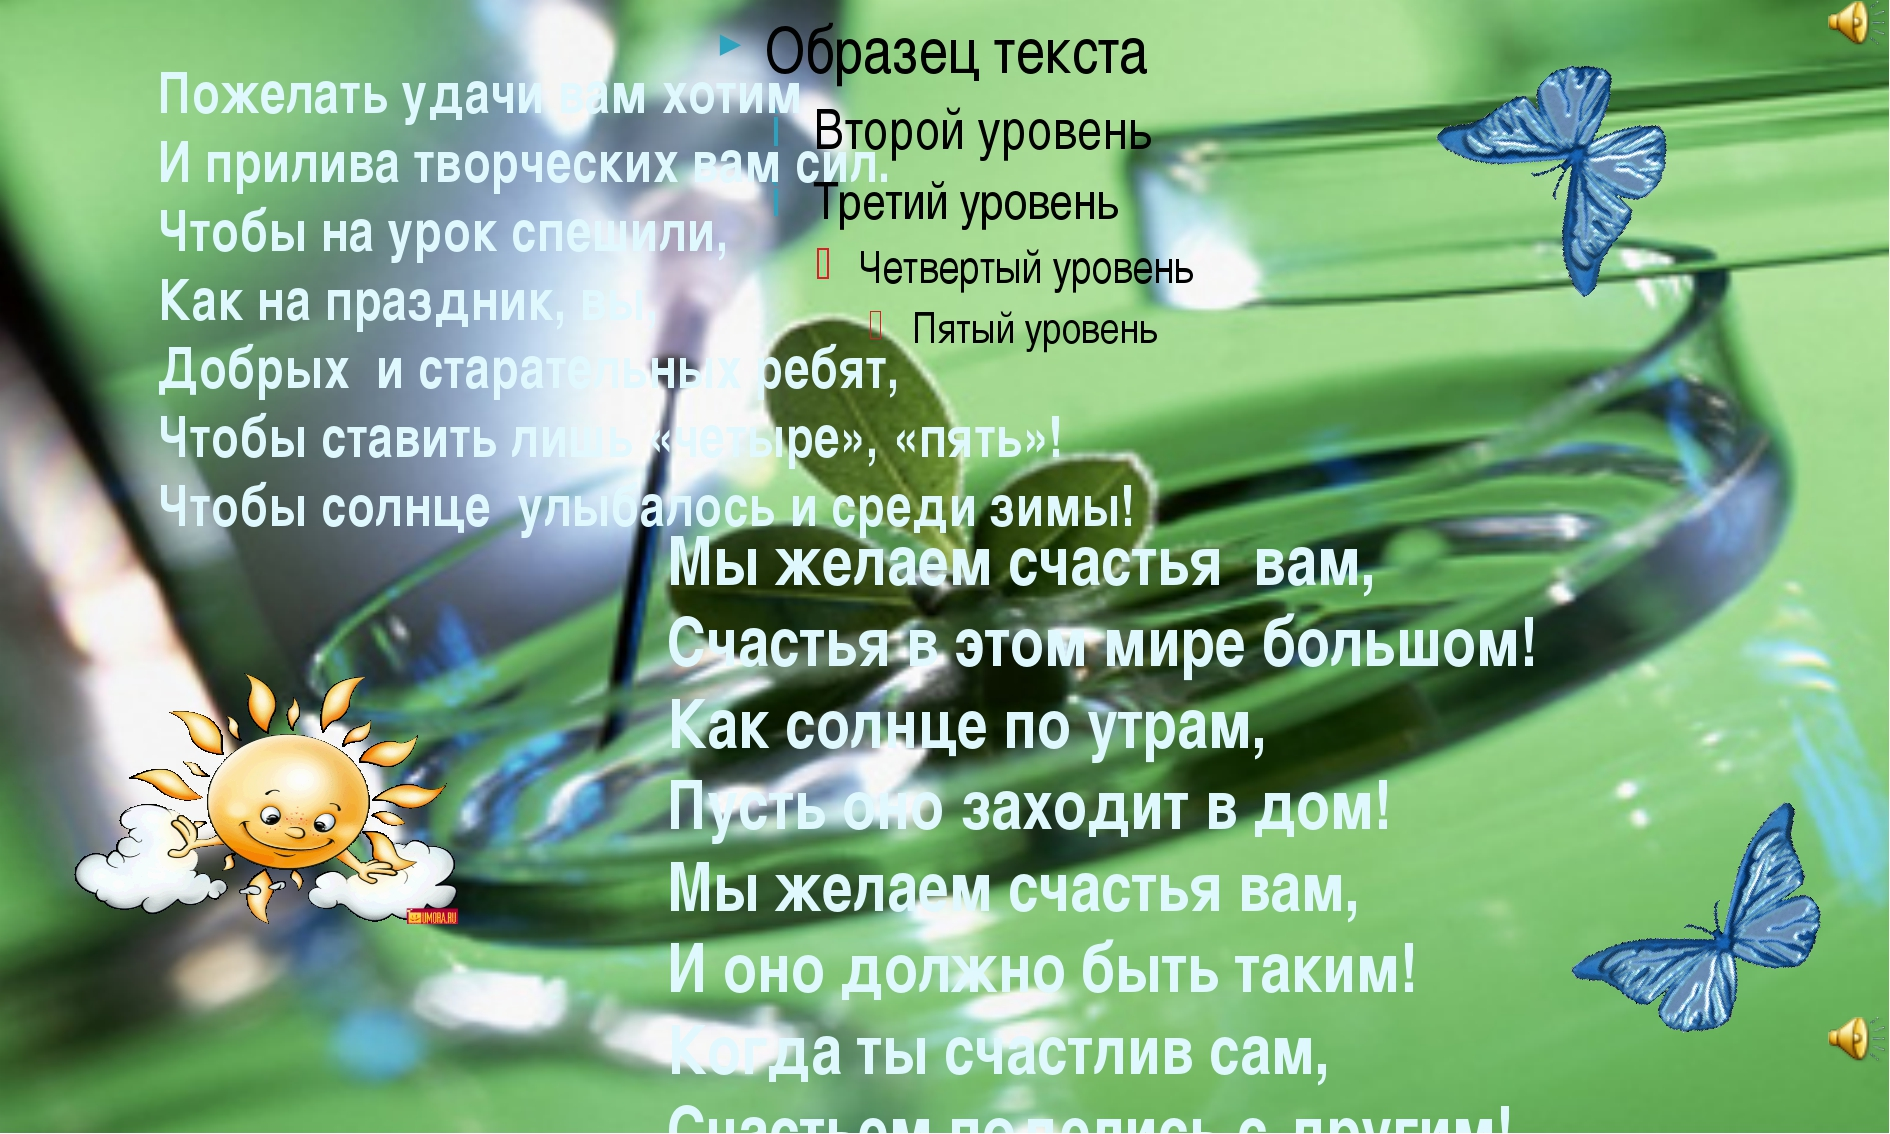 Мы желаем счастья вам, Счастья в этом мире большом! Как солнце по утрам, Пуст...